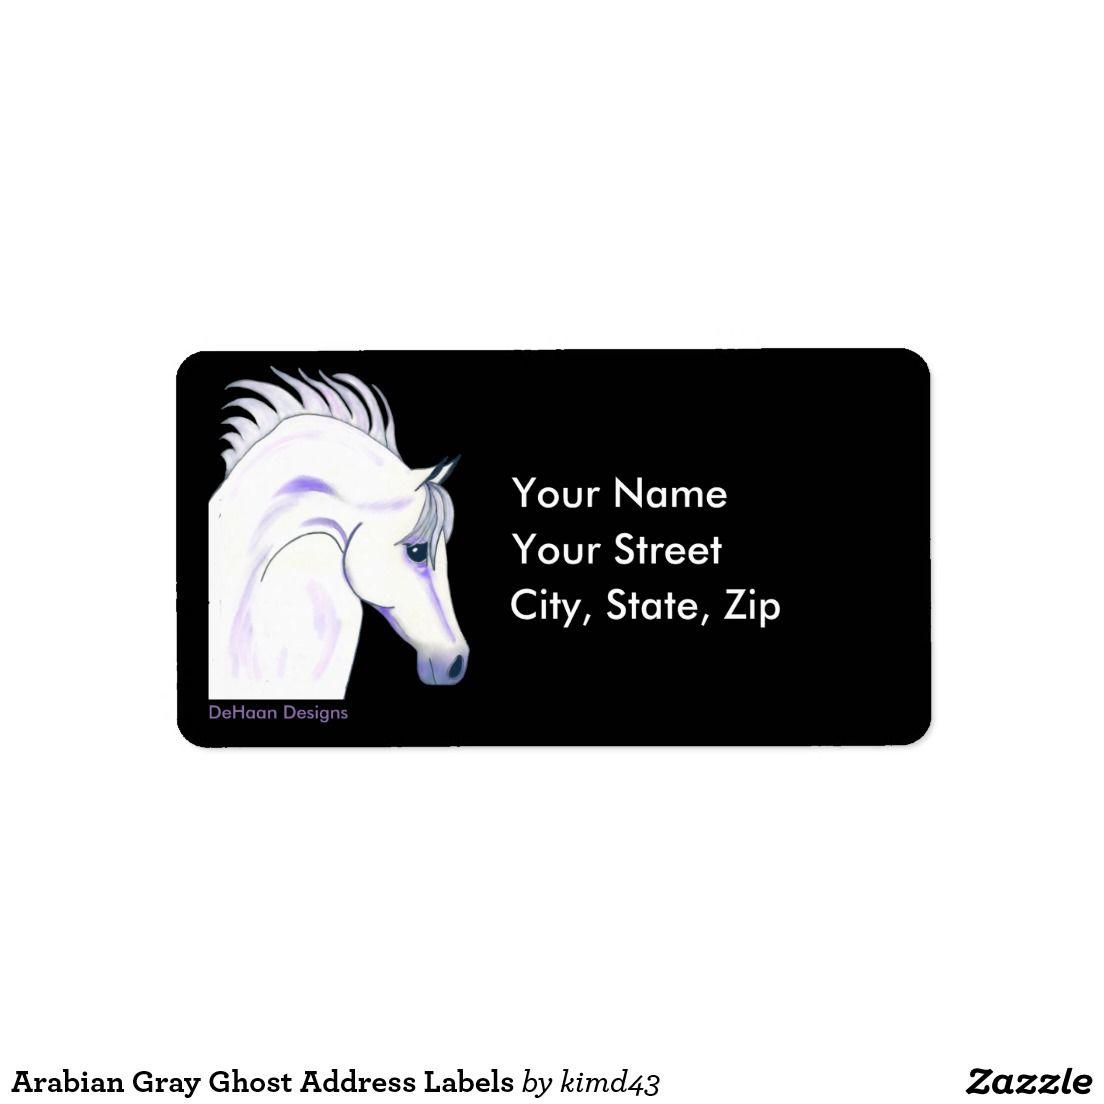 Arabian Gray Ghost Address Labels